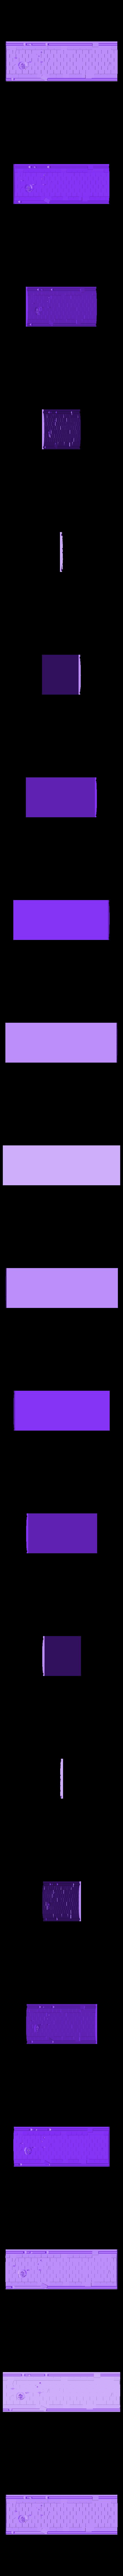 a_o_lstr_1.stl Télécharger fichier STL gratuit ROUTE - Ancien et neuf - Partie A • Design pour impression 3D, Earsling